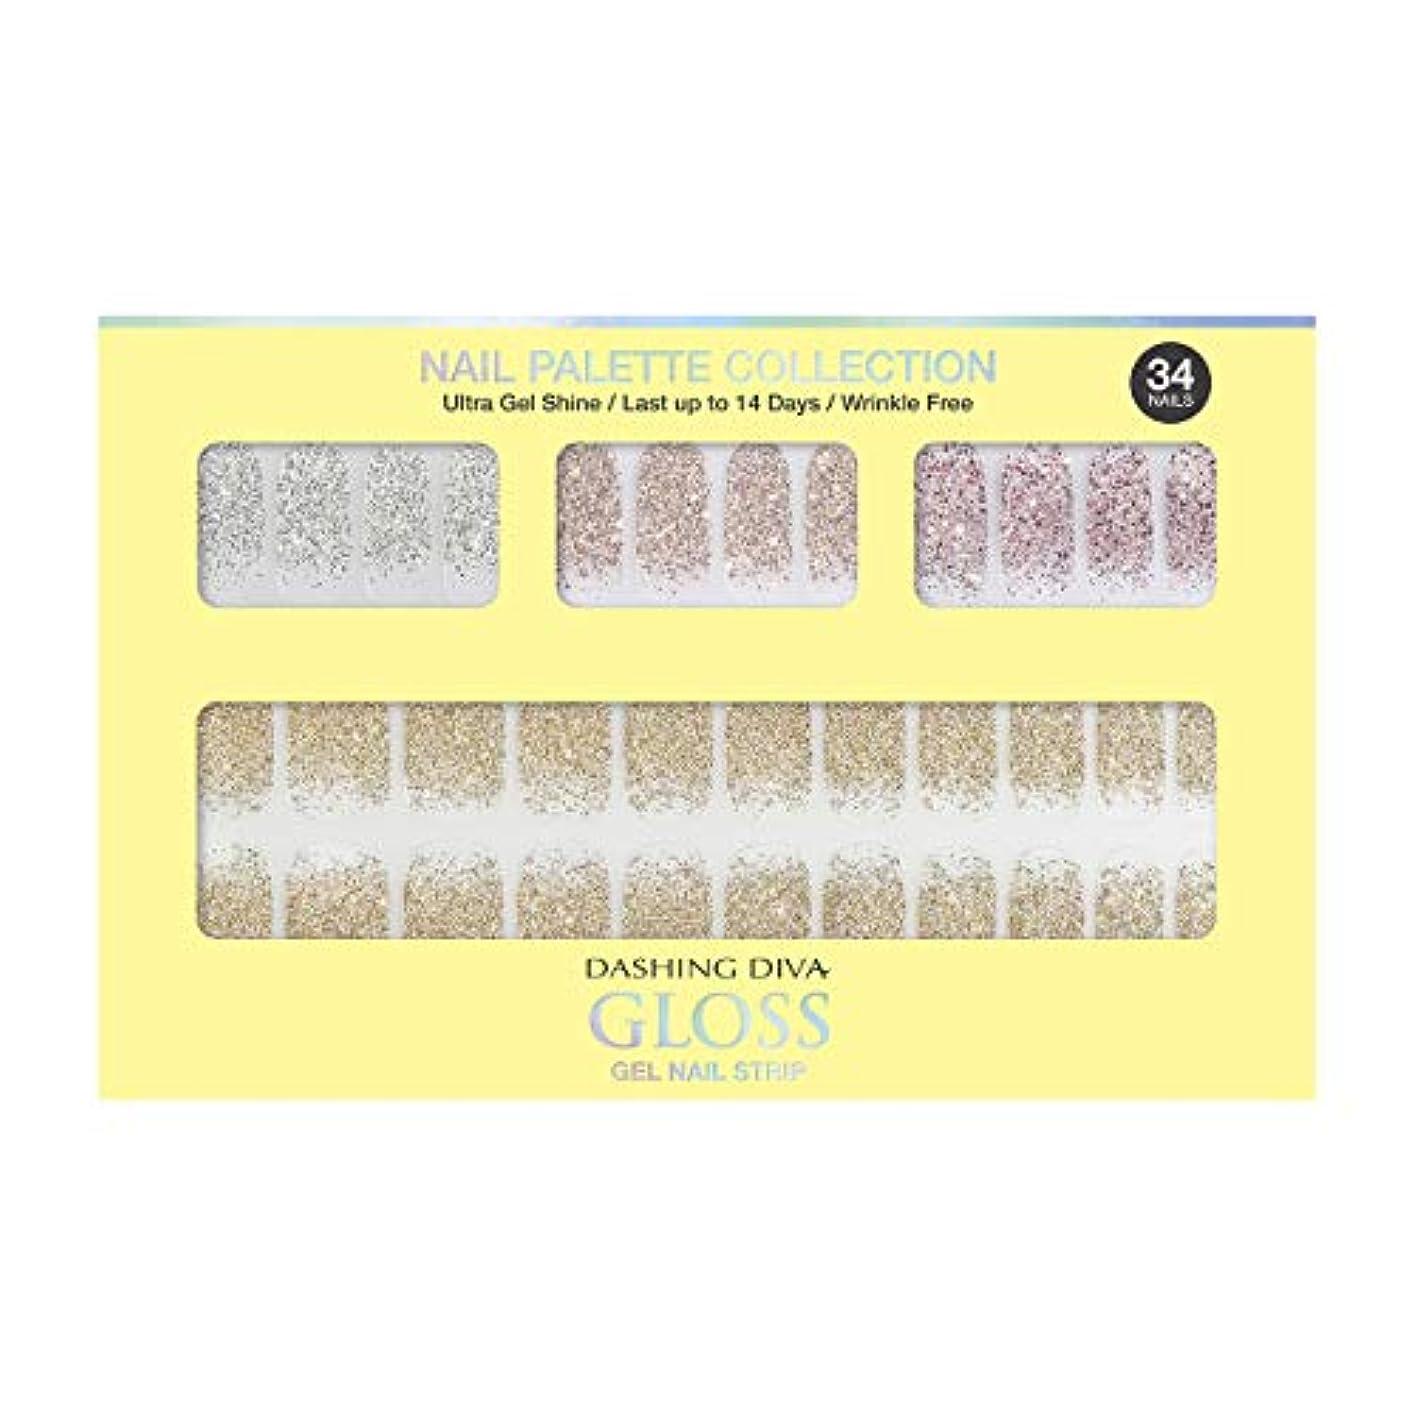 廃止ありがたい発揮するダッシングディバ グロスジェル ネイルストリップ DASHING DIVA Gloss Gel Nail Strip DGNP07-DURY+ オリジナルジェル ネイルシール Lemon #07 Sparkling Powder